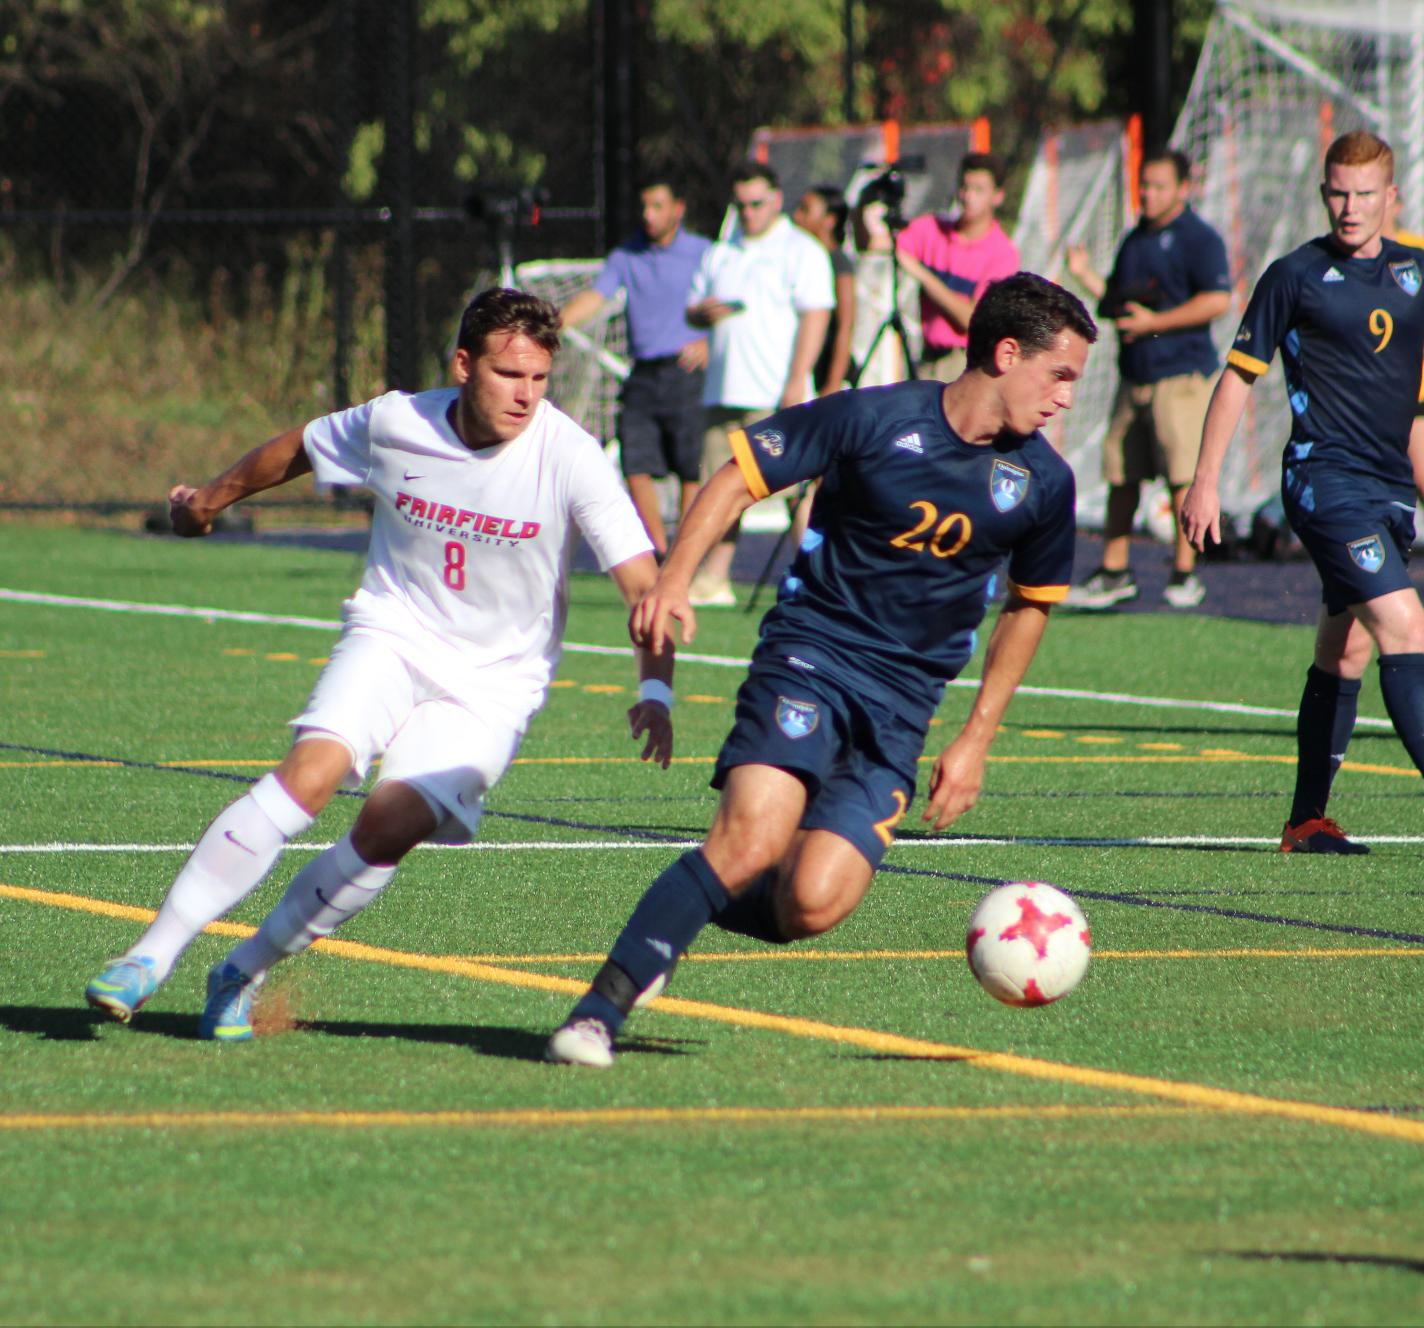 Quinnipiac men's soccer unable to top Fairfield